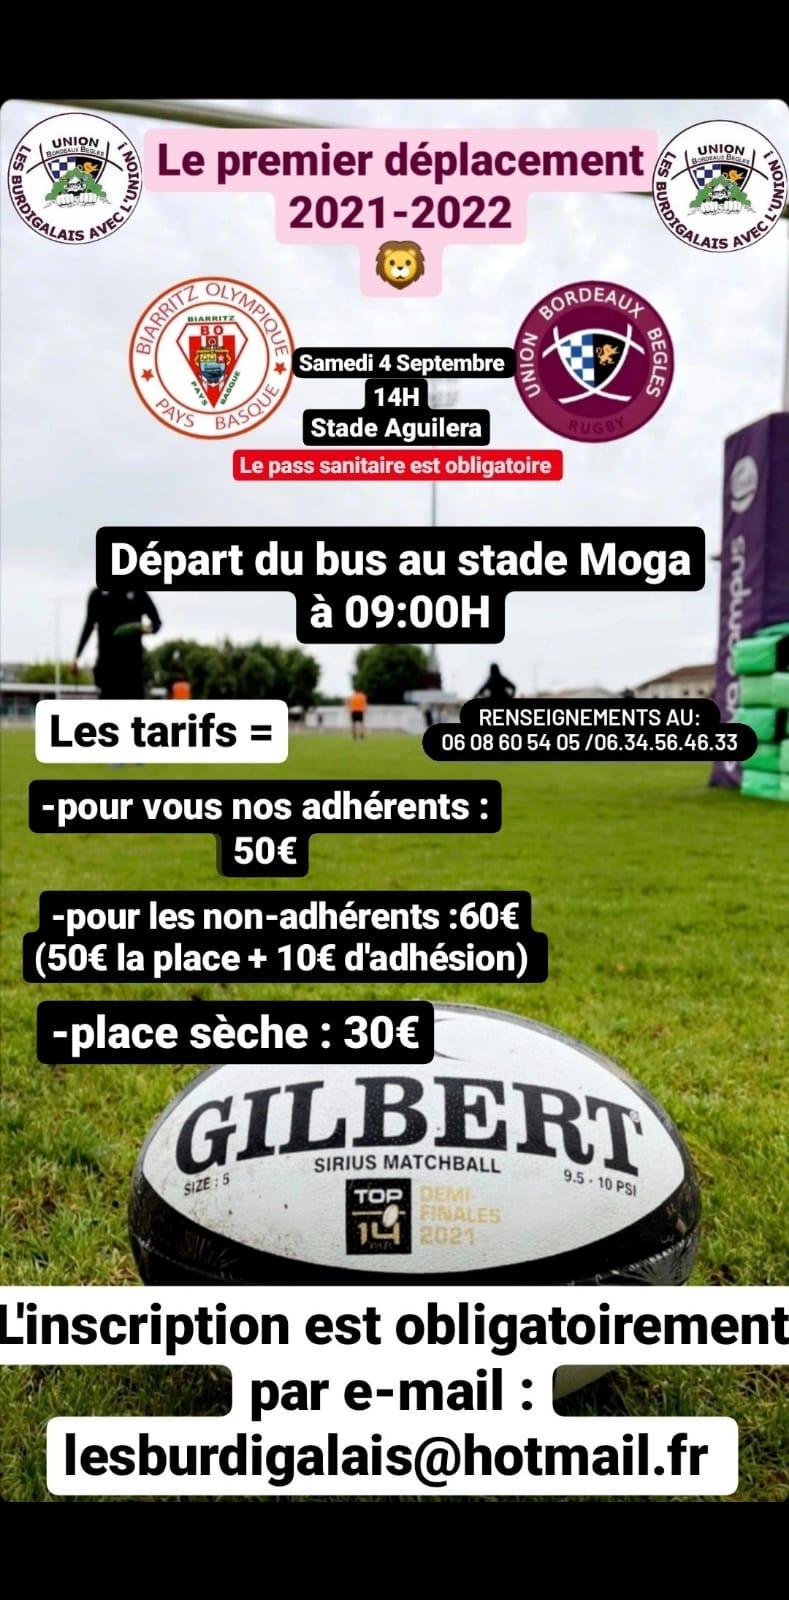 Co-voiturage  ar Bordeaux - Biarritz le 4 septembre E9LBuERWQA4I_As?format=jpg&name=large